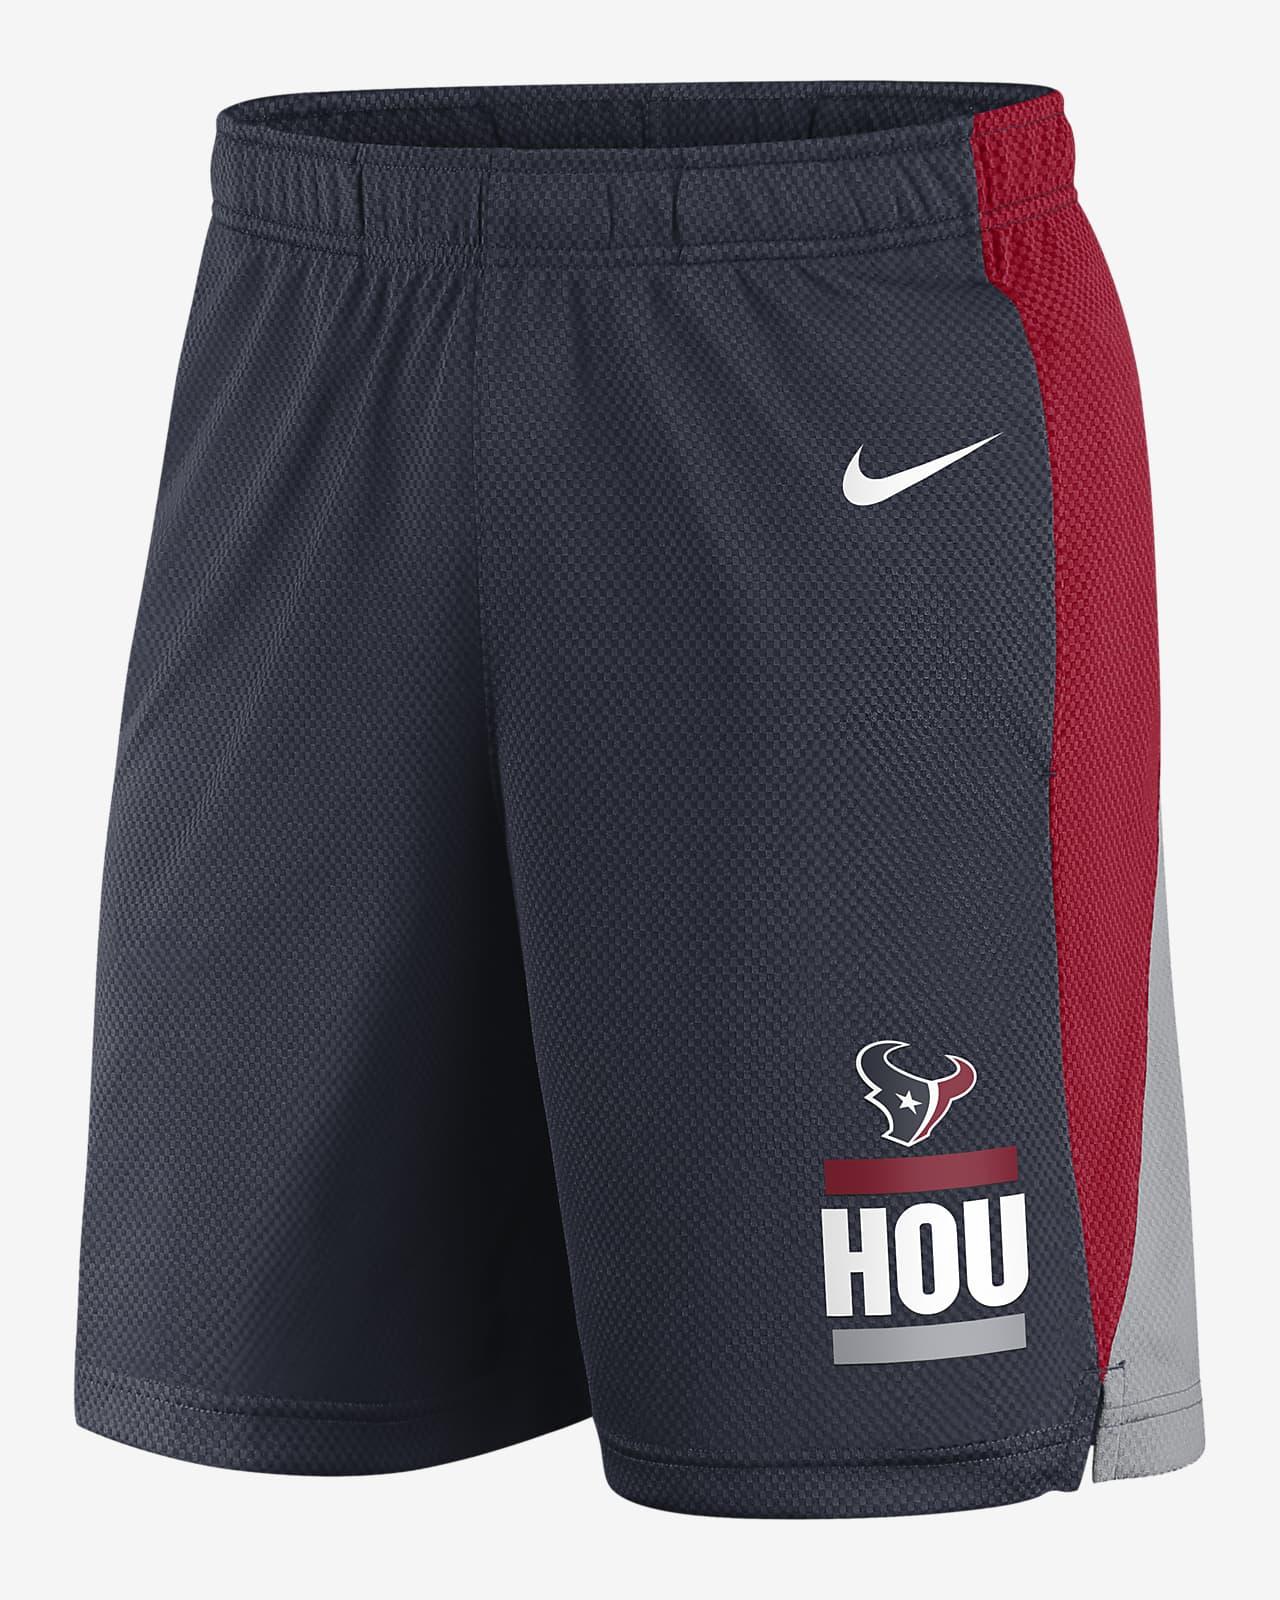 Nike Dri-FIT Broadcast (NFL Houston Texans) Men's Shorts